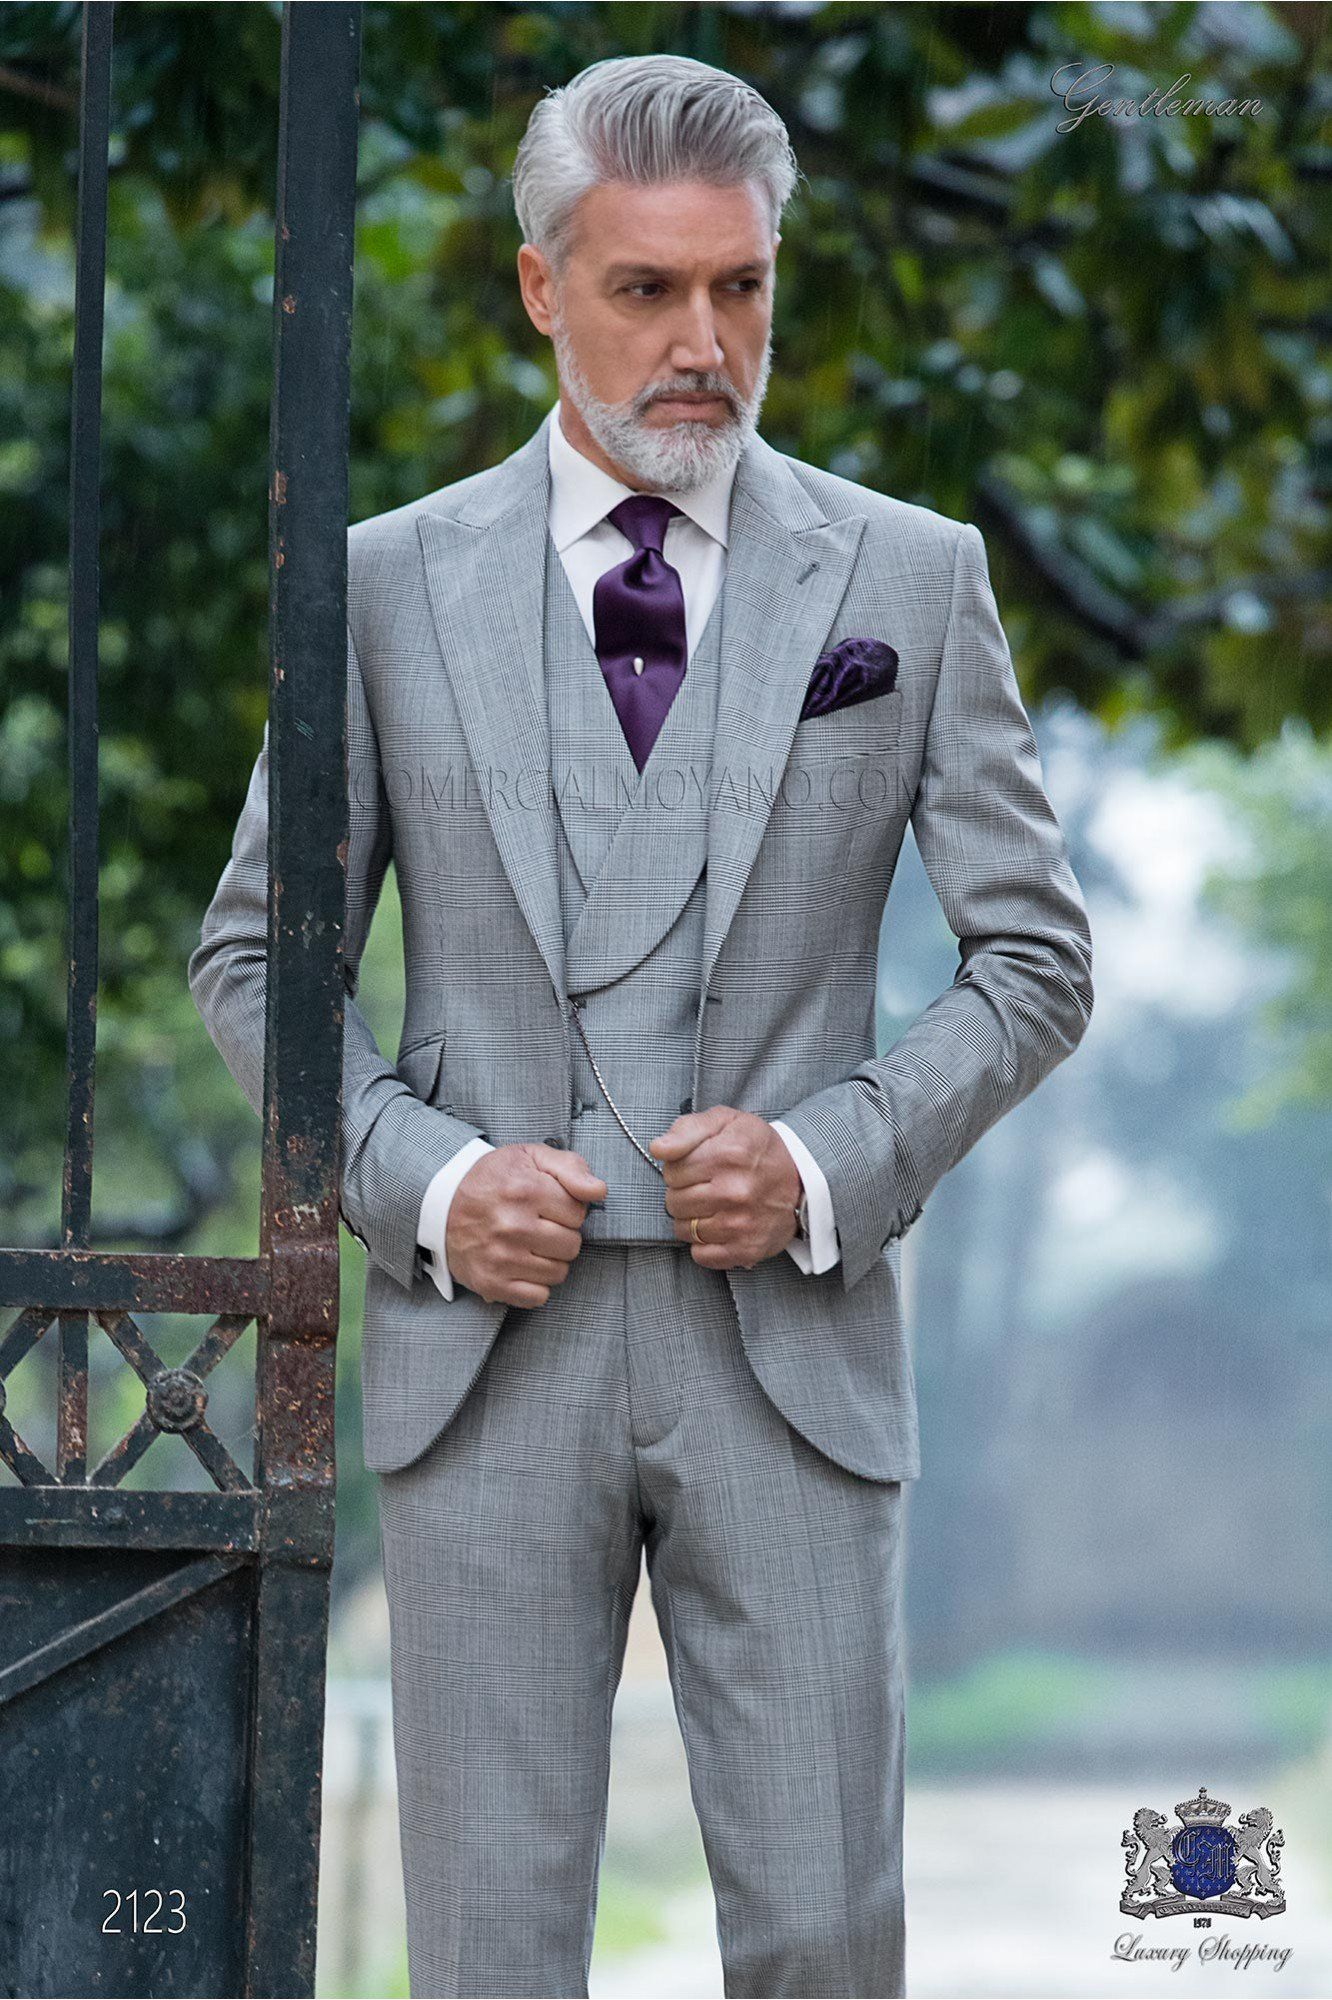 dcf8de6a1576 Italian Bespoke Prince of Wales grey morning suit in 2019 | 效果图 ...